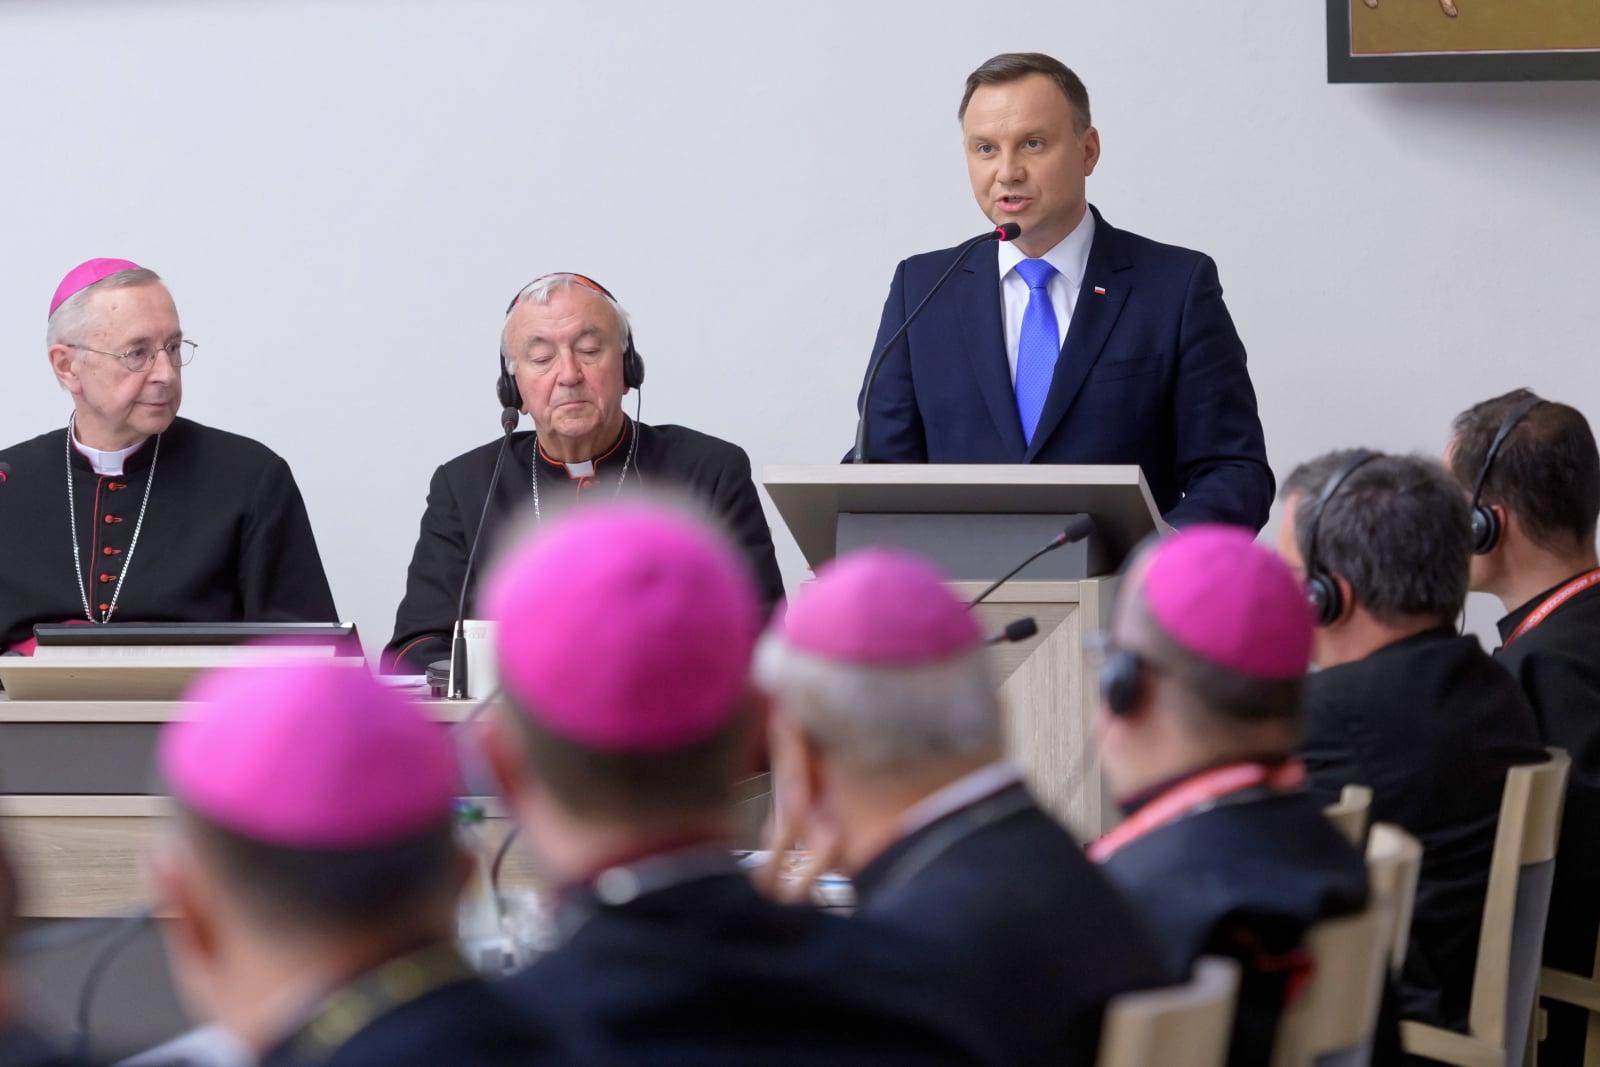 Andrzej Duda podczas obrad Zebrania Plenarnego Rady Konferencji Episkopatów Europy (CCEE, Consilium Conferentiarum Episcoporum Europae),  w Poznaniu.